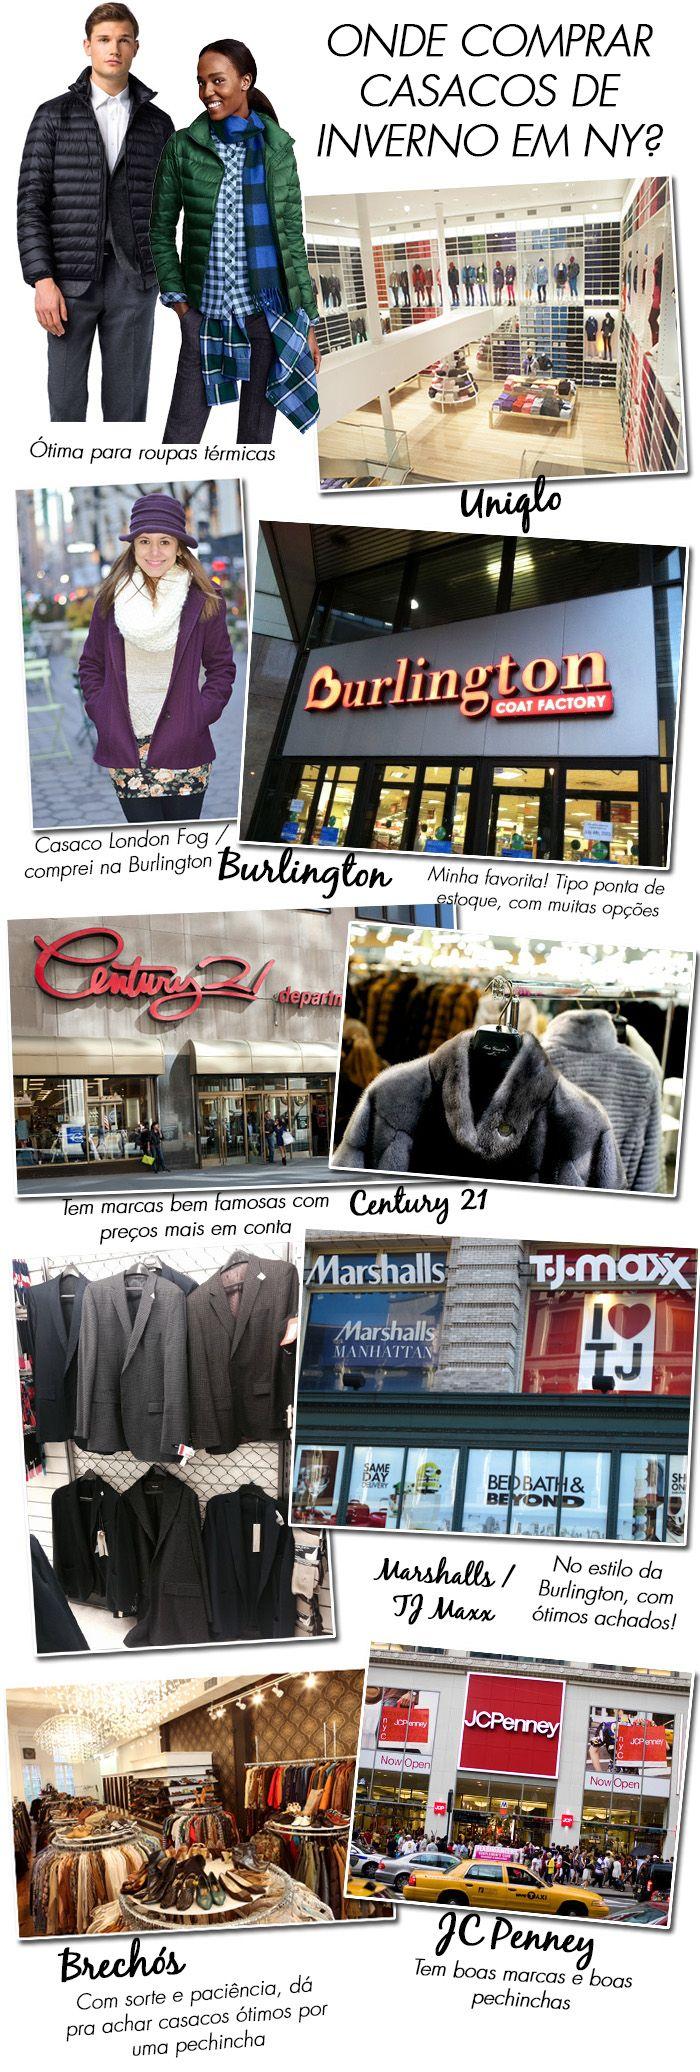 Blog da Laura Peruchi - Página 3 de 322 - Nova York: turismo, compras e lifestyle. Dicas do que fazer, aonde ir e como aproveitar a cidade.